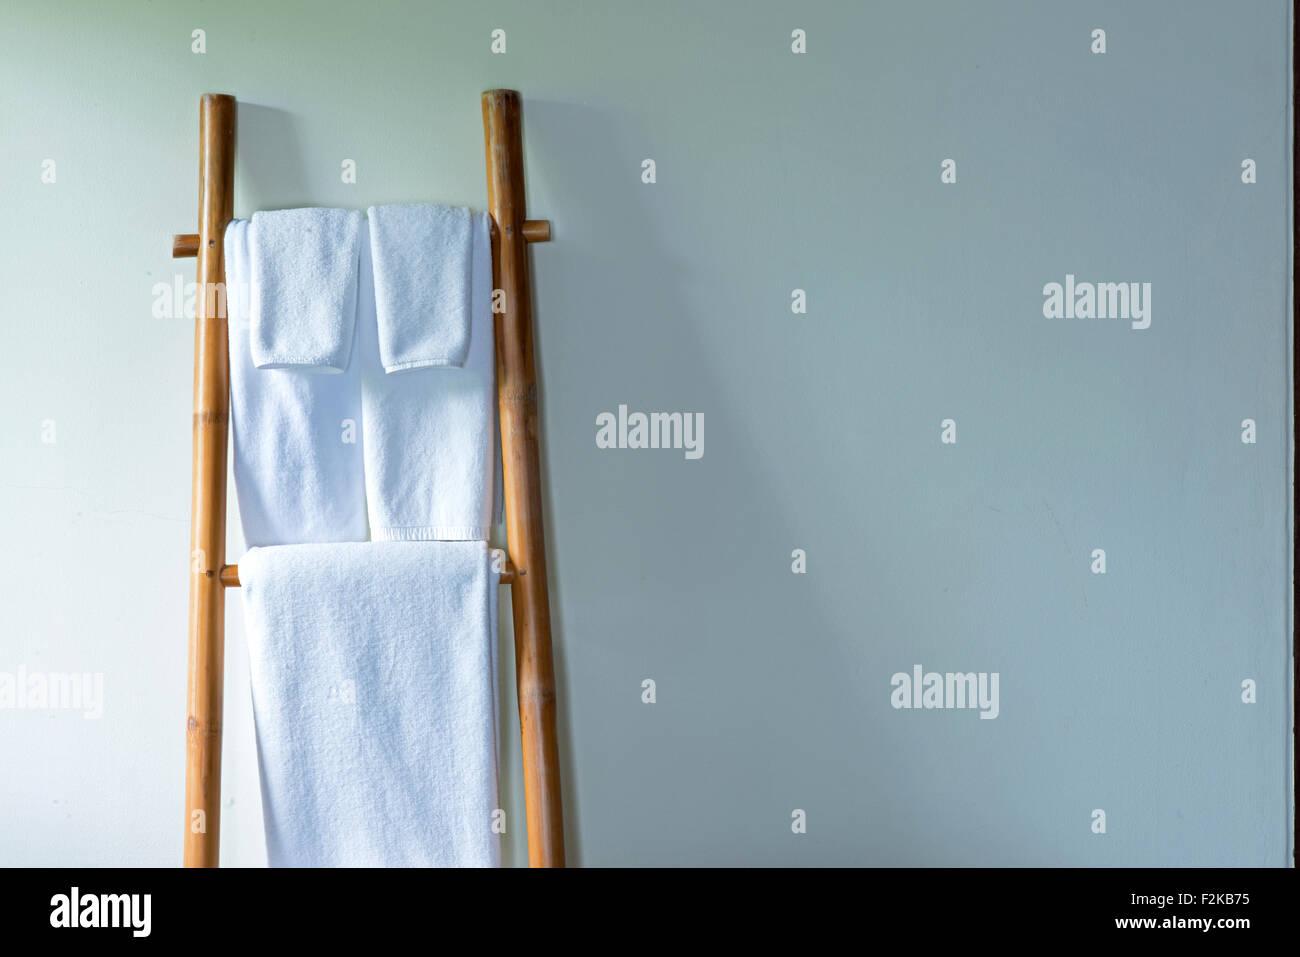 Handtücher hängen die Bambus-Aufhänger und bereit zu verwenden Stockbild